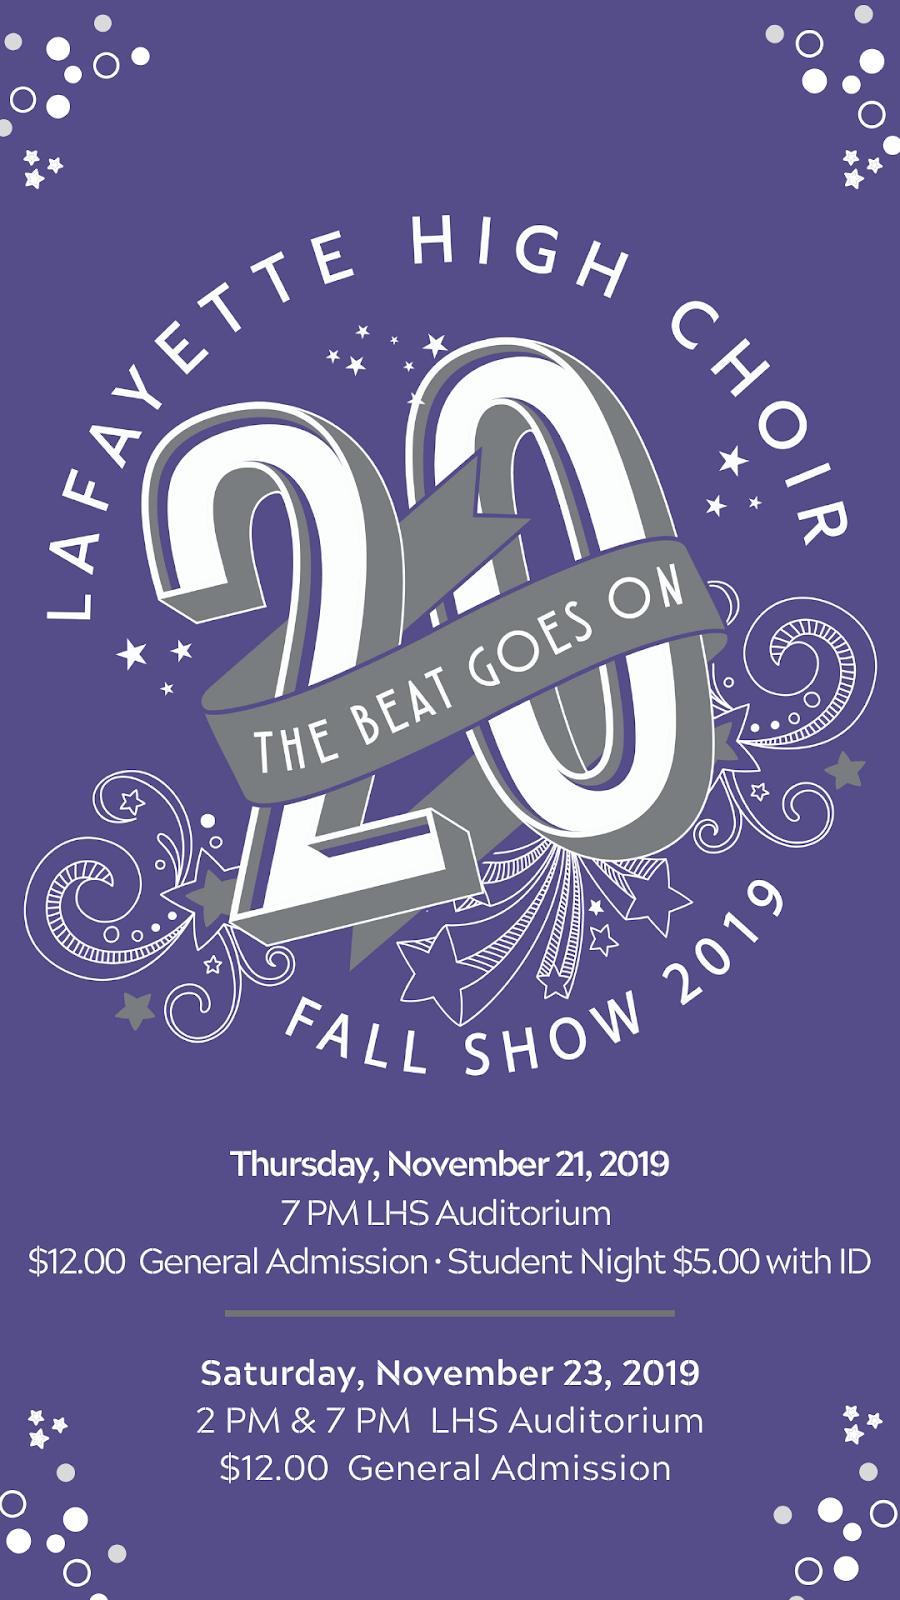 Lafayette High Choir 2019 Fall Show